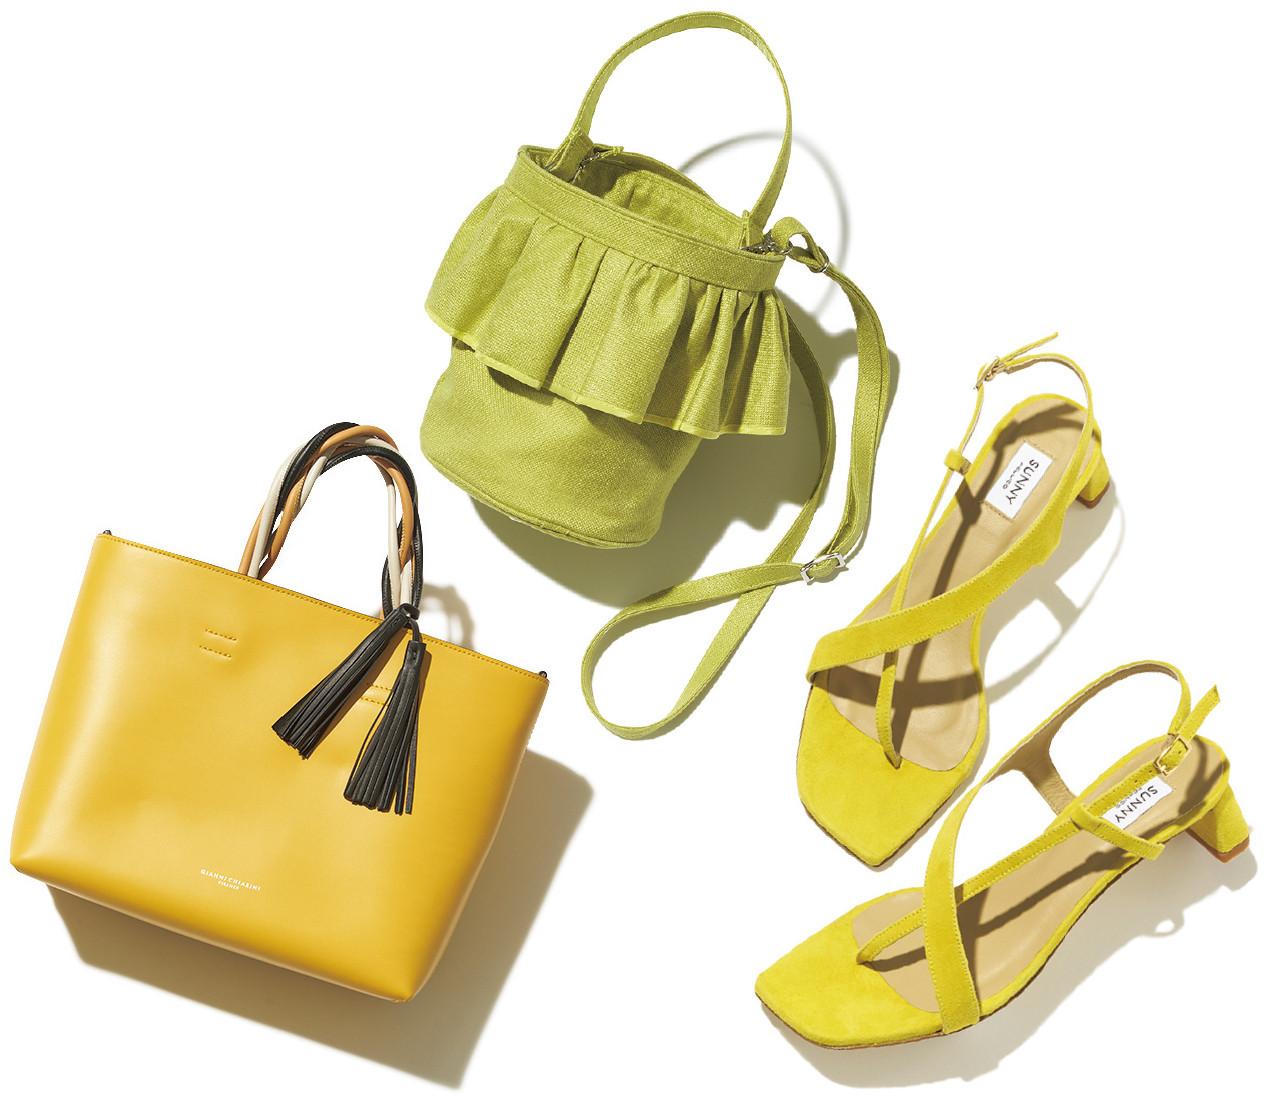 【春の靴&バッグ図鑑】トレンドカラーのイエロー。元気をくれるバッグ&靴8選